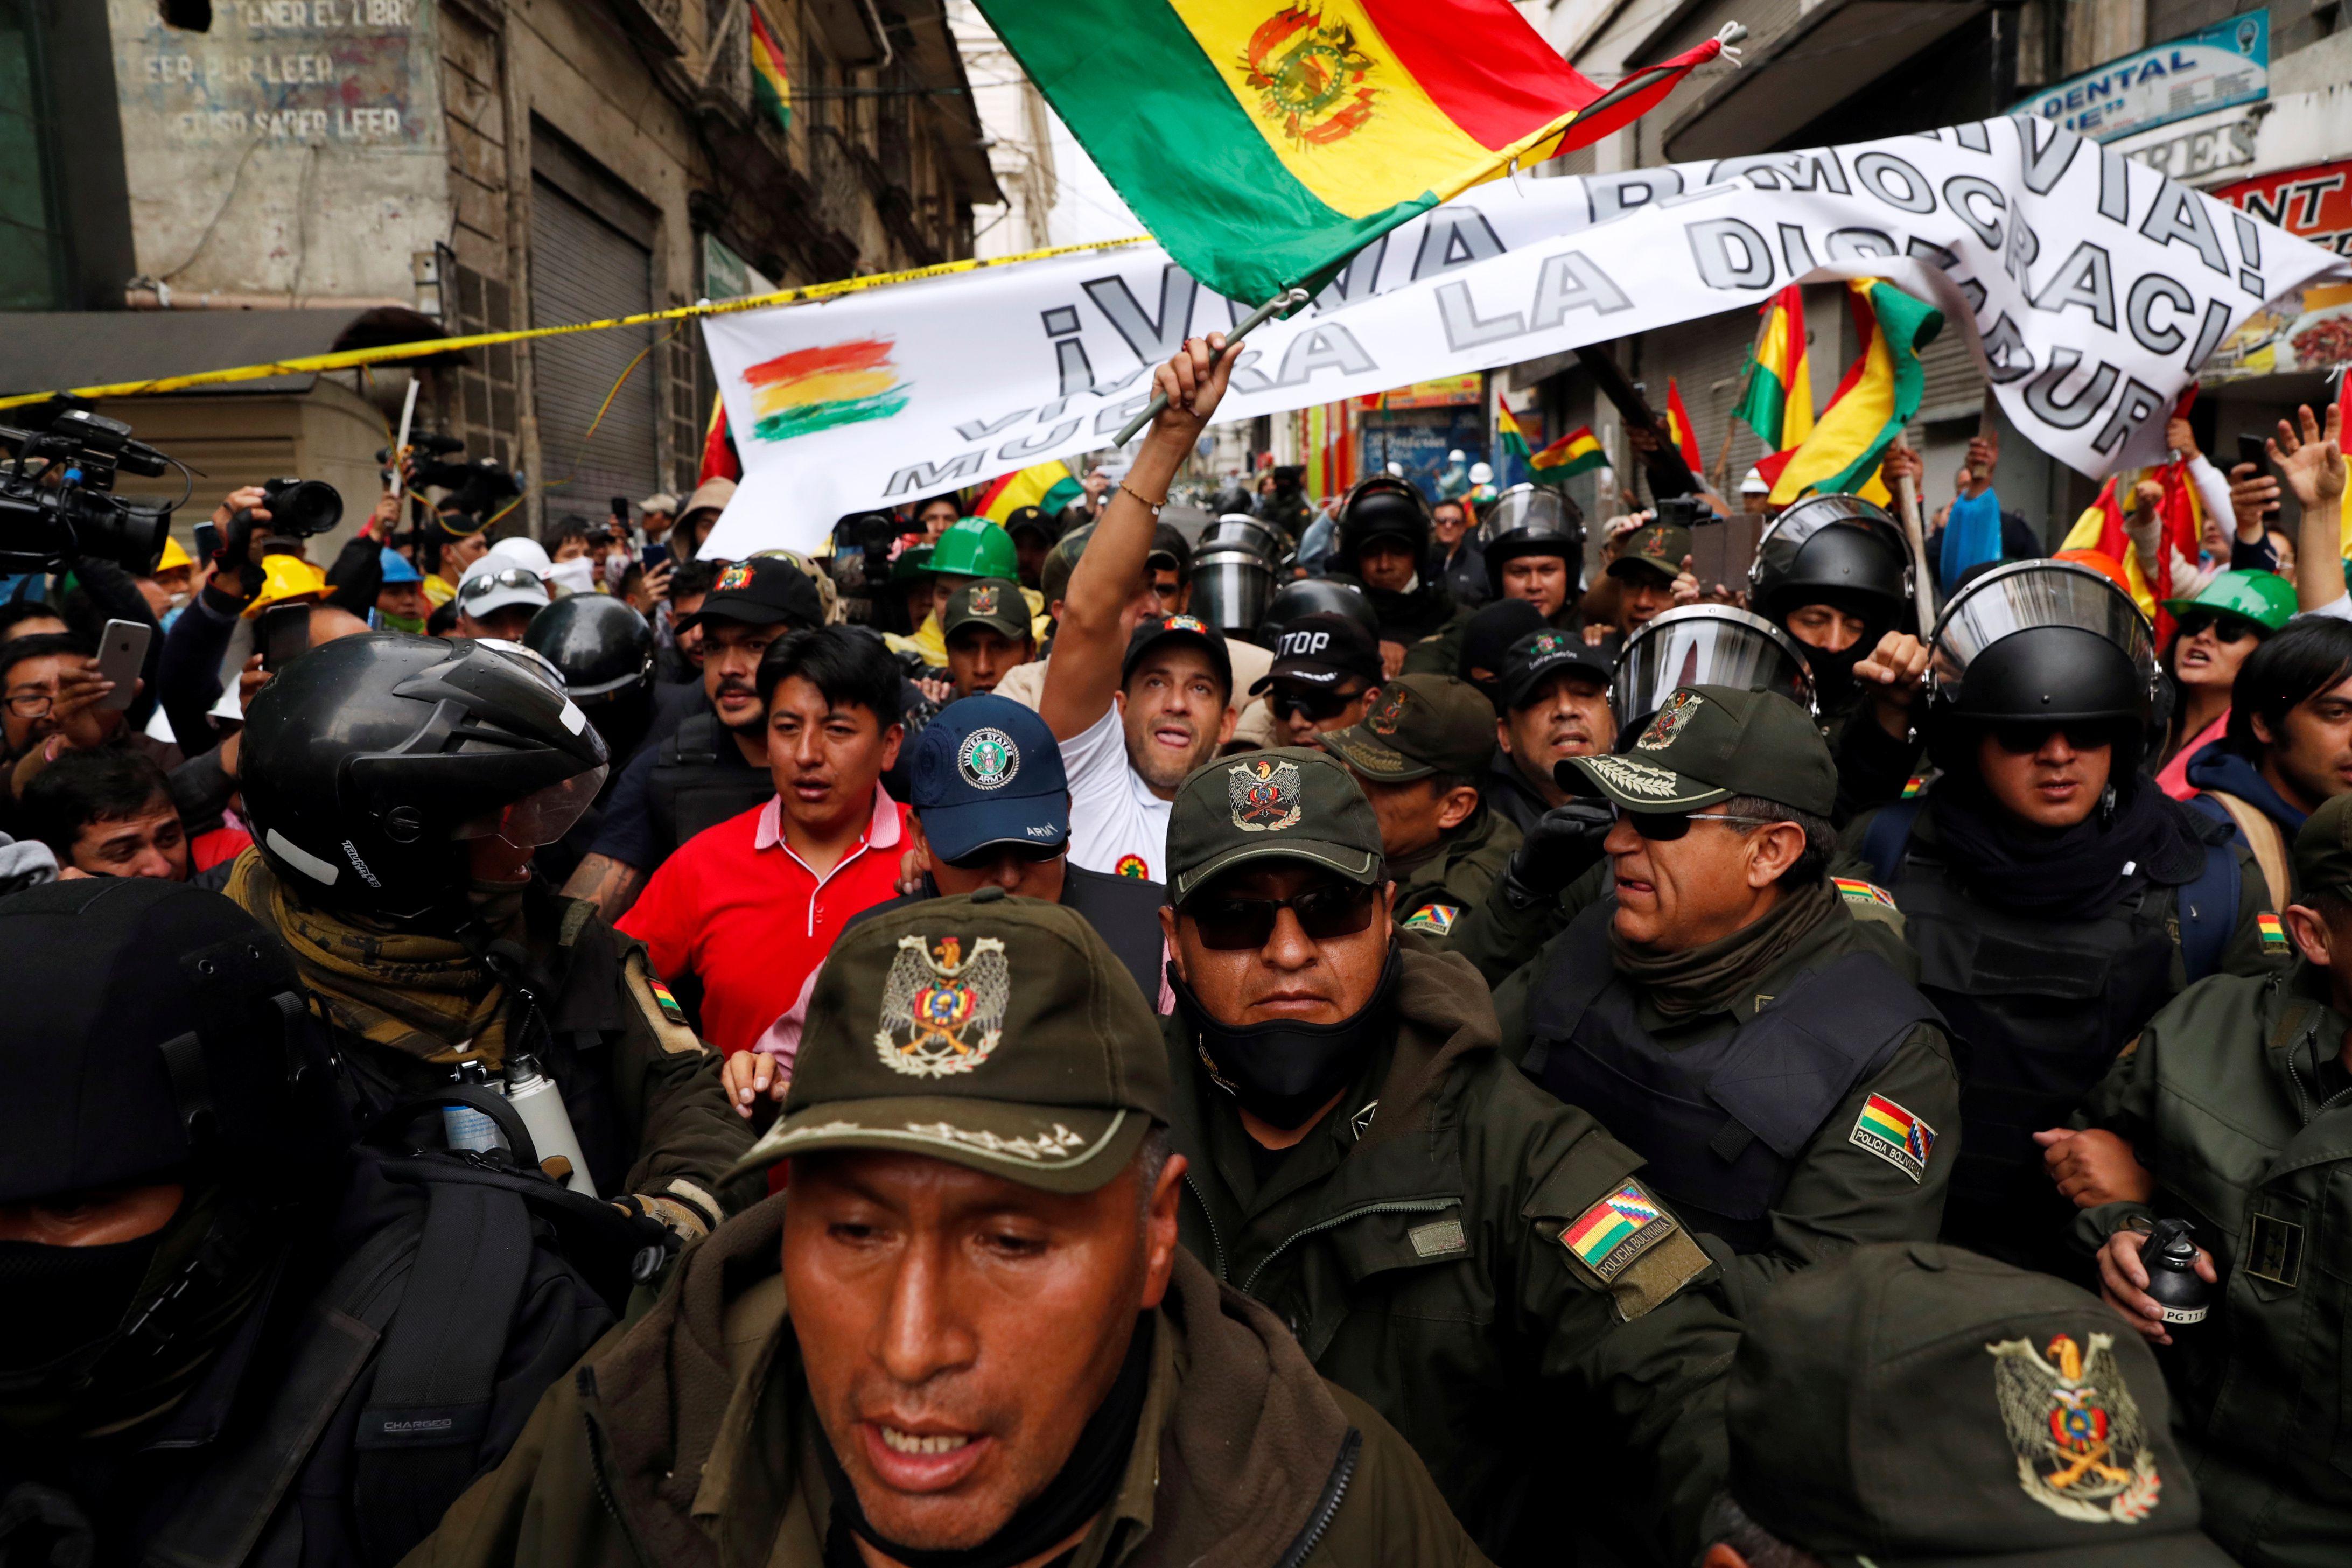 La policía y los militares acabaron custodiando a los grupos cívicos que se oponen a Morales